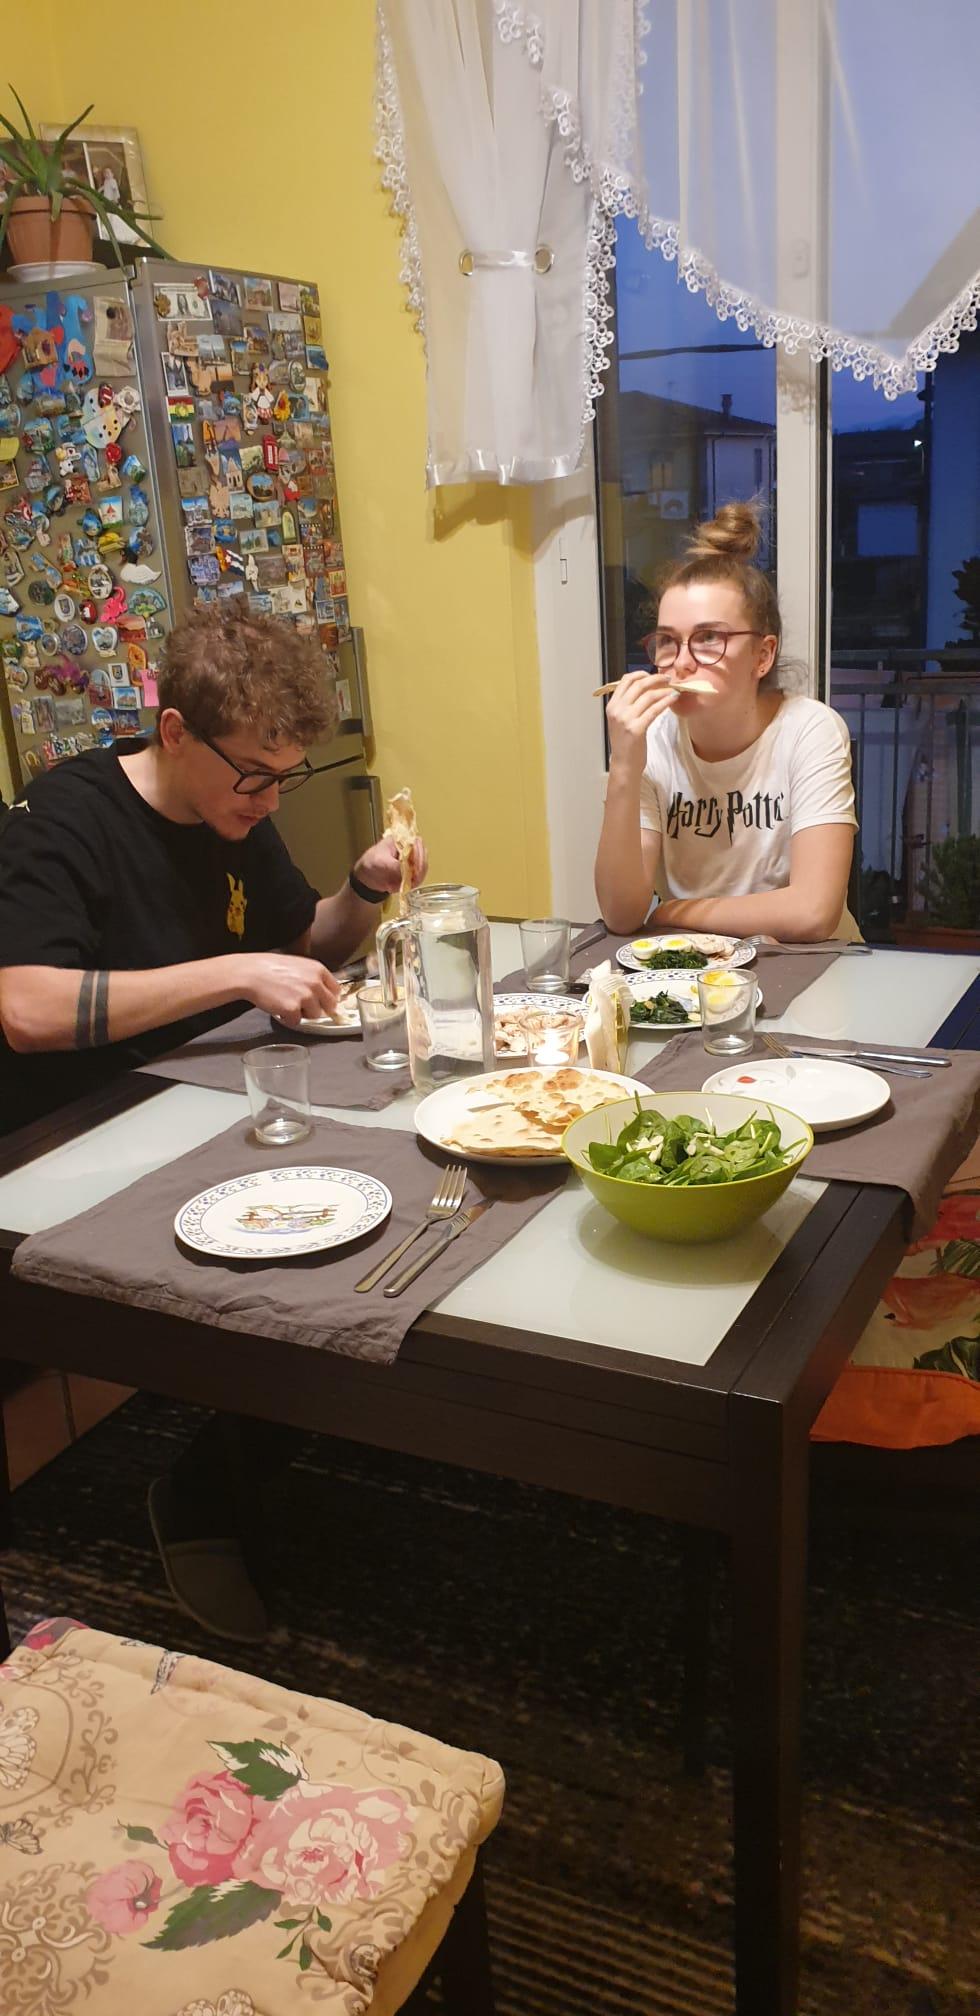 Cena pasquale ebraica 2020 (15)